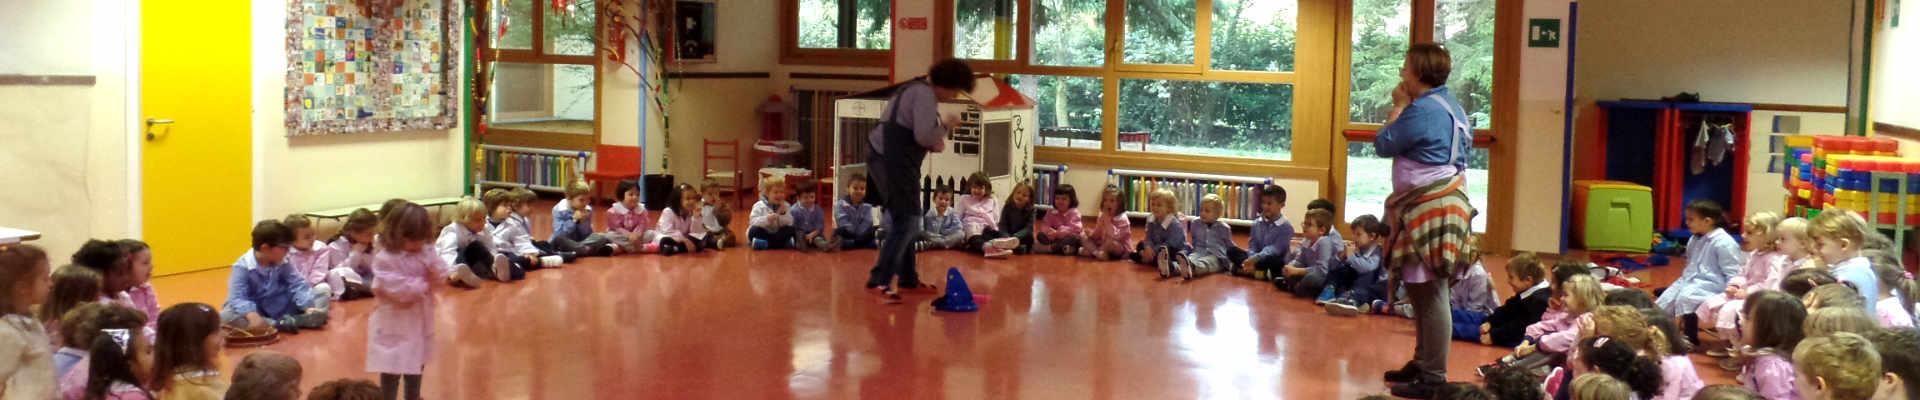 didattica scuola infanzia parma